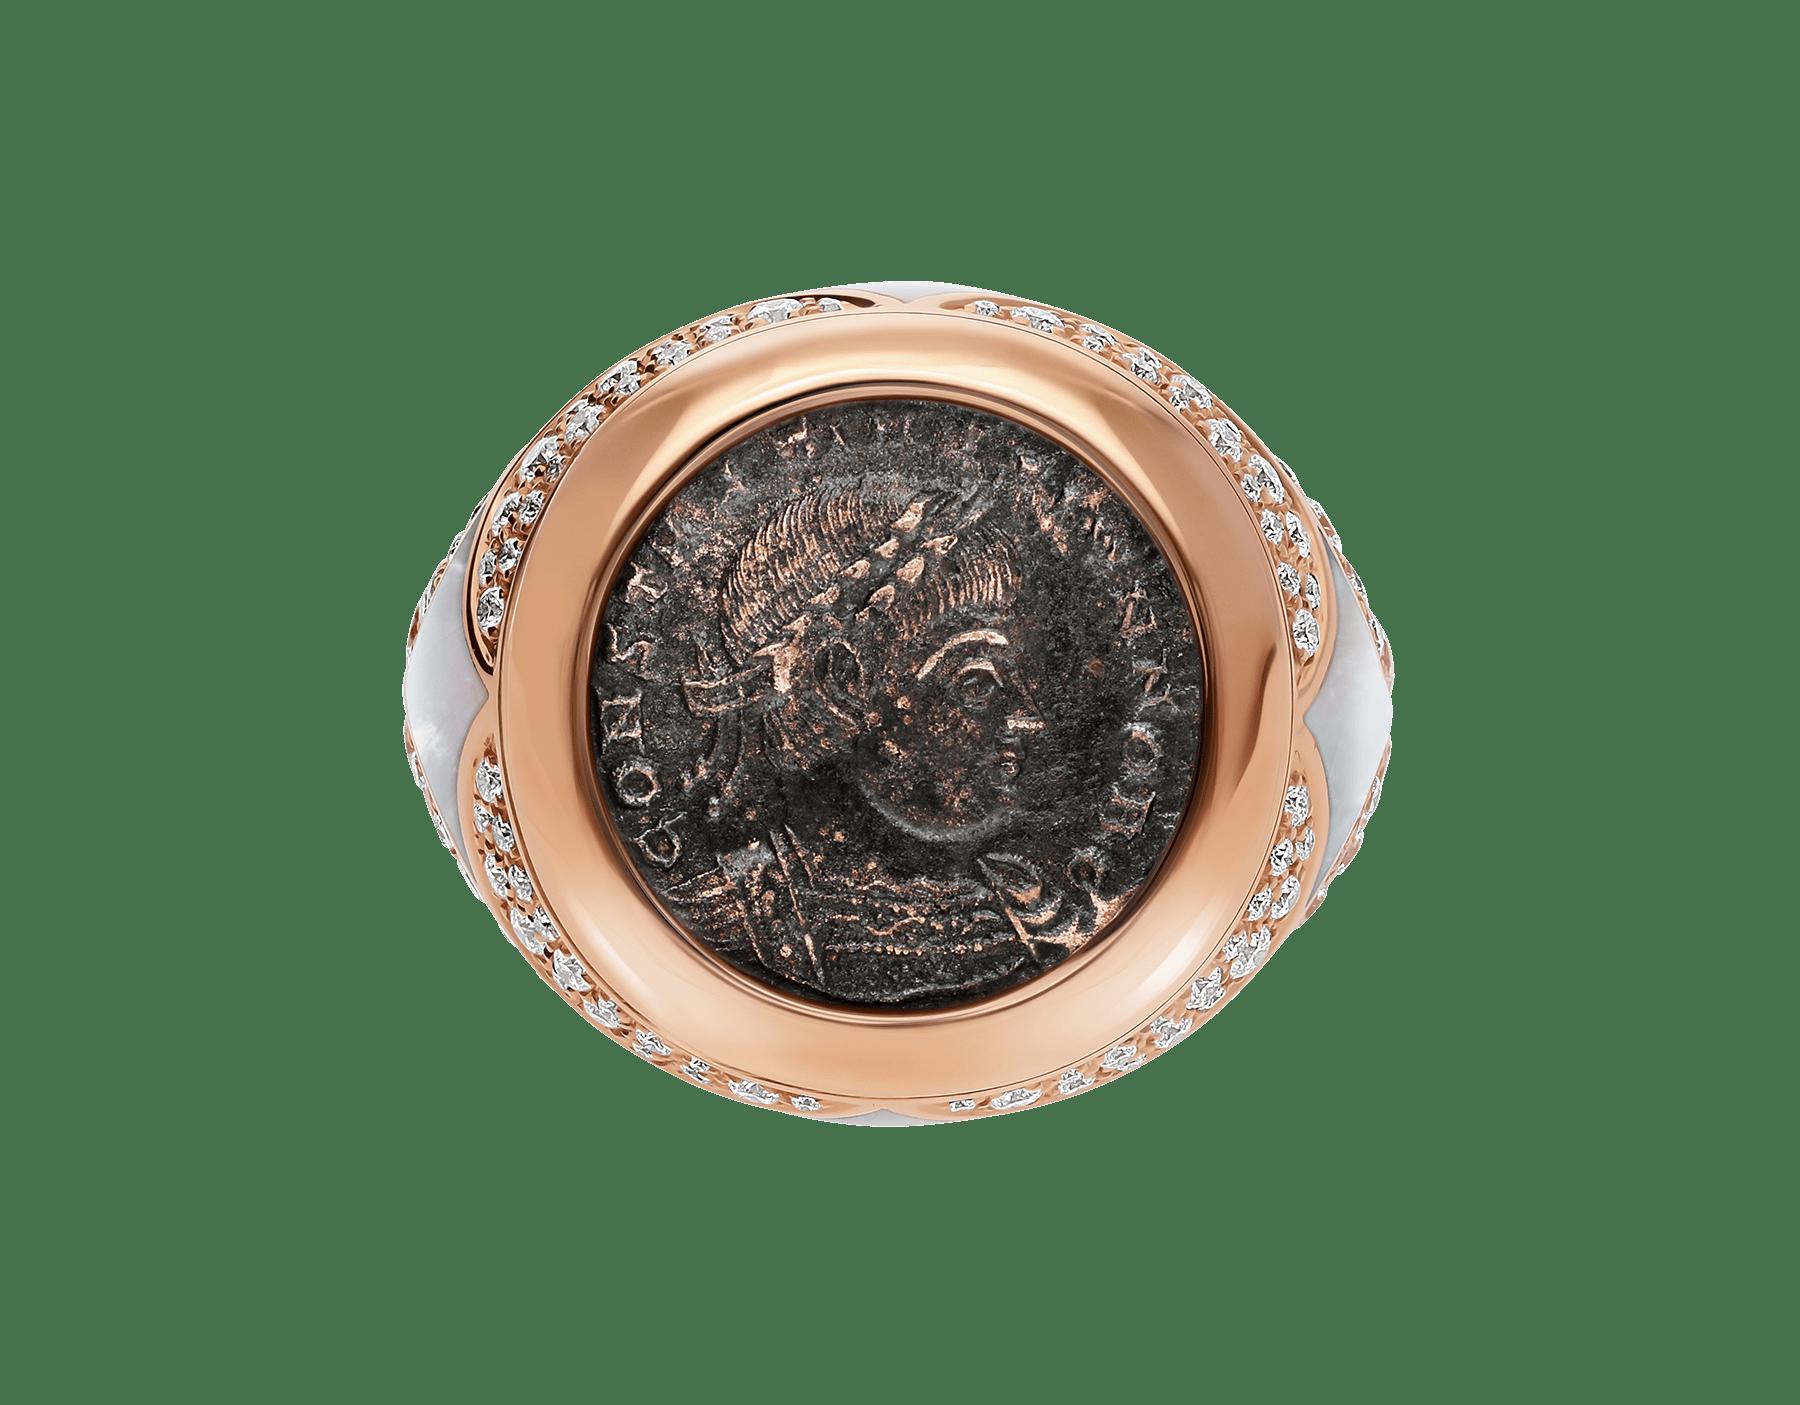 Anel Monete em ouro rosa 18K cravejado com uma moeda antiga, elementos de madrepérola e pavê de diamantes AN858424 image 3